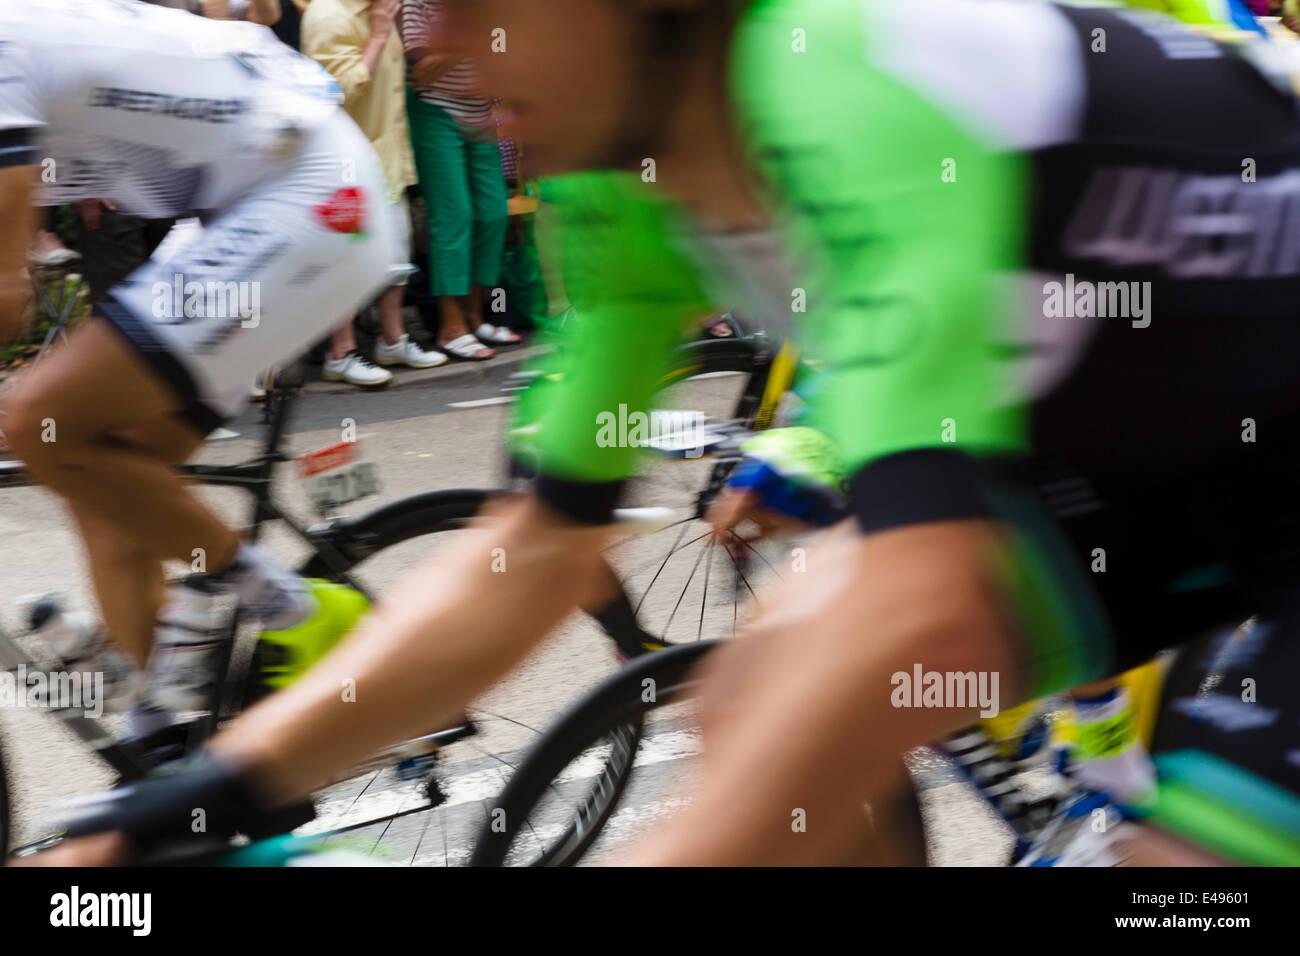 Le peleton clignote passé sur l'étape 2 du Tour de France 2014 près de Holmfirth, West Yorkshire, Photo Stock